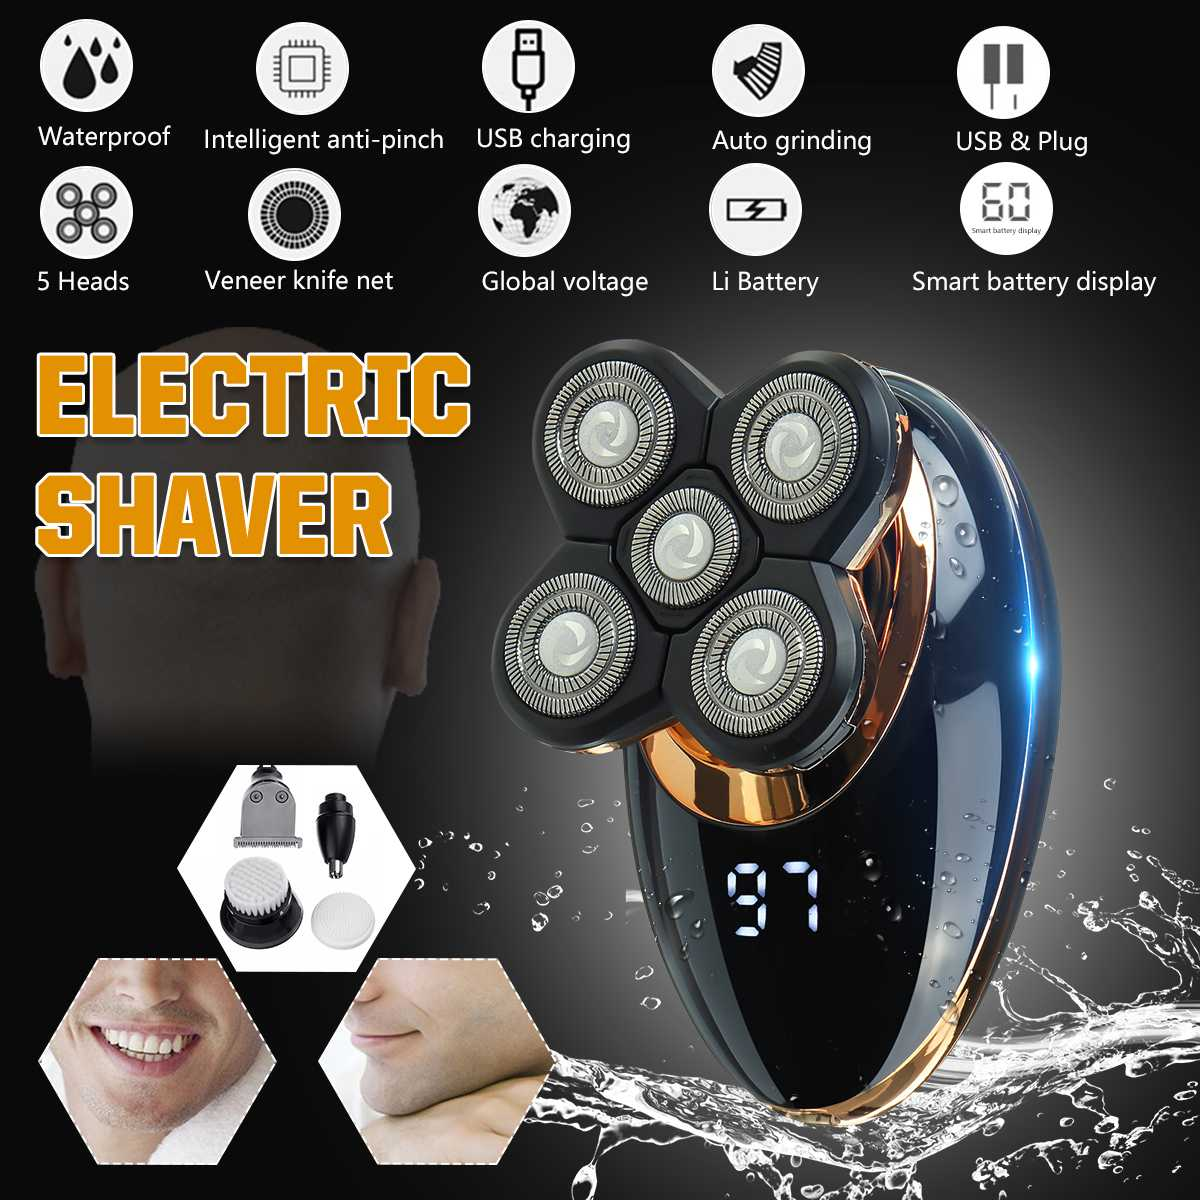 SPZ 5 в 1 4D электробритва USB перезаряжаемая IPX5 эргономичный дизайн для мужчин и женщин Мужская лысая головка полировка машинка для стрижки вол...